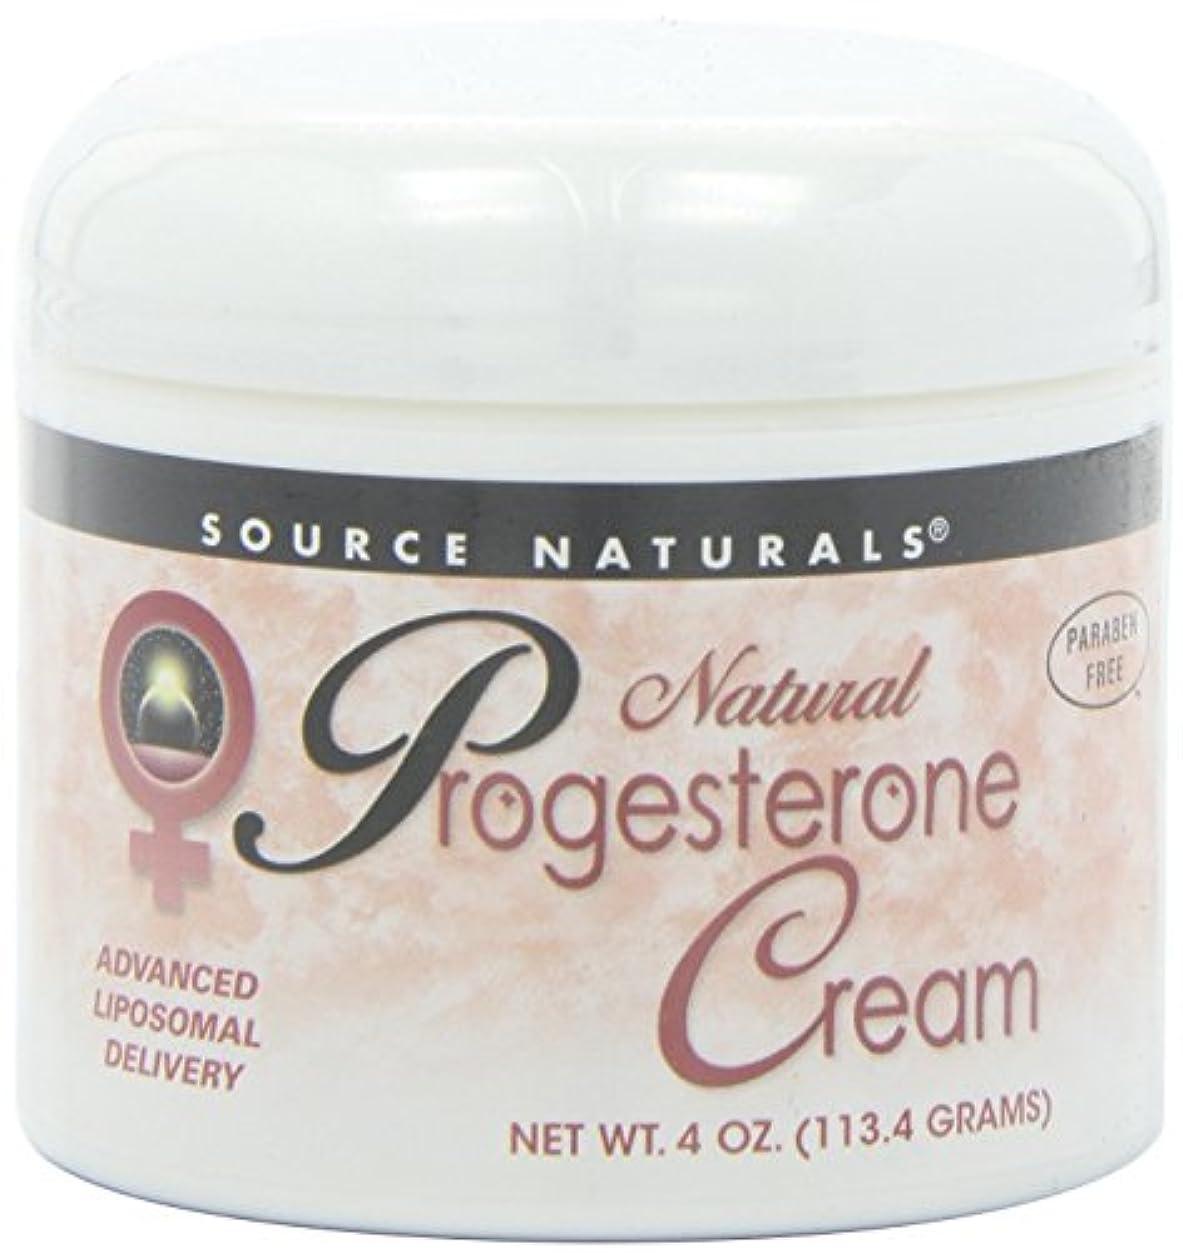 定刻悪性腫瘍名誉Source Naturals Natural Progesterone Cream, 4 Ounce (113.4 g) クリーム 並行輸入品 [並行輸入品]